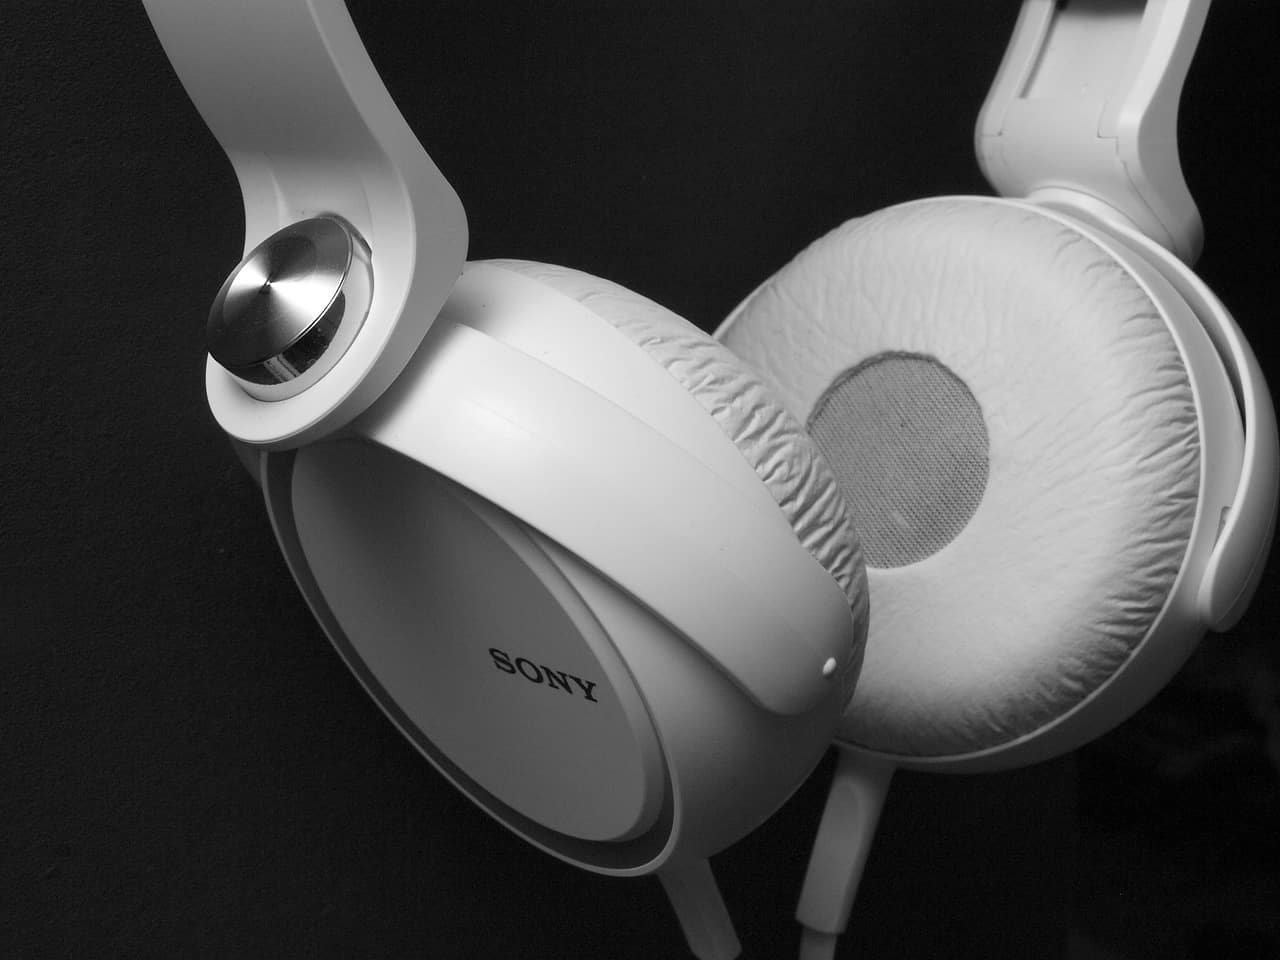 Fone de ouvido Sony: Quais os melhores de 2020?